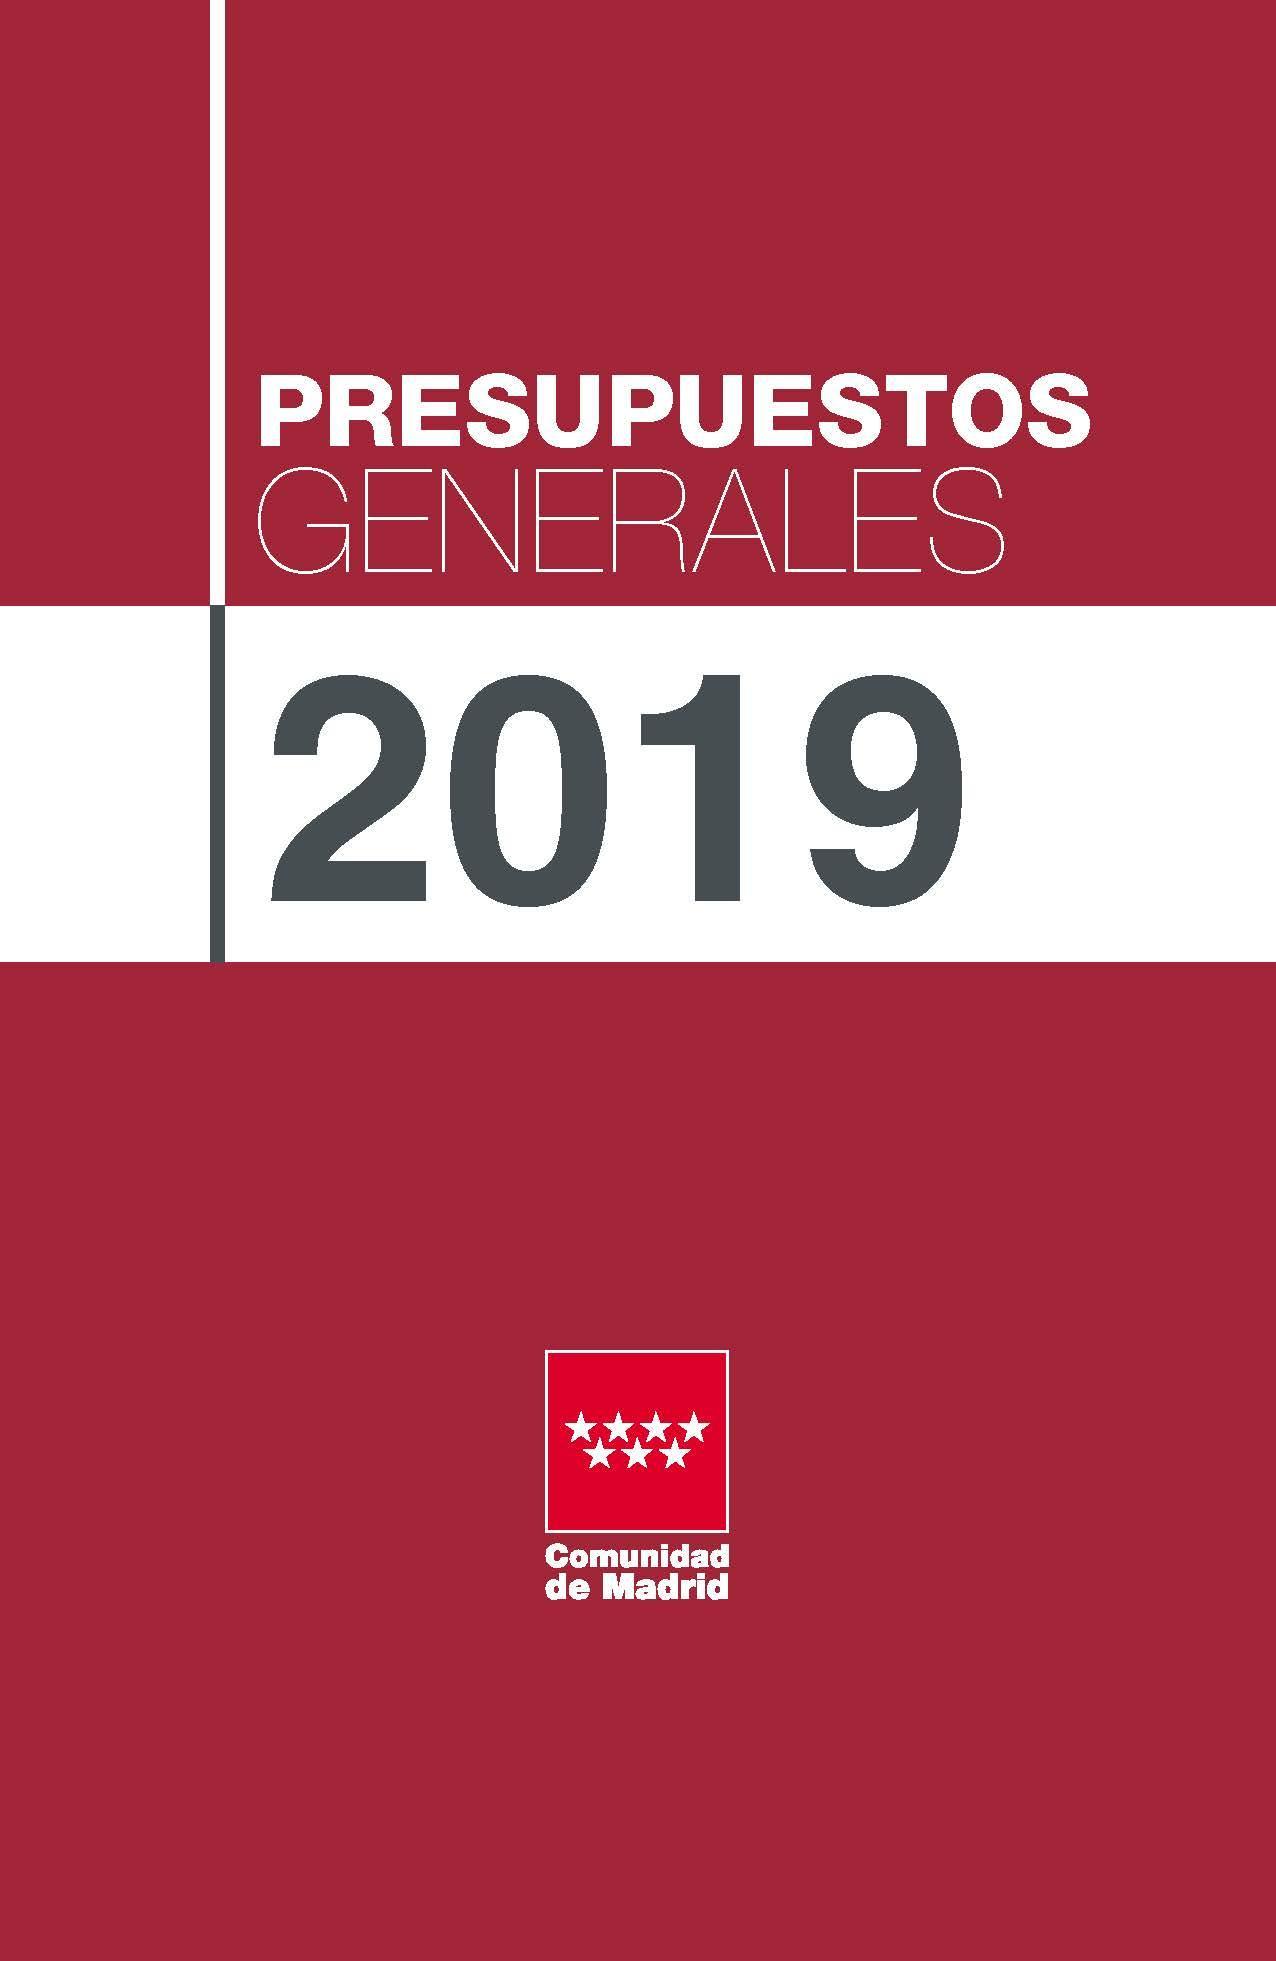 Portada folleto de presentación de los Presupuestos para 2019.